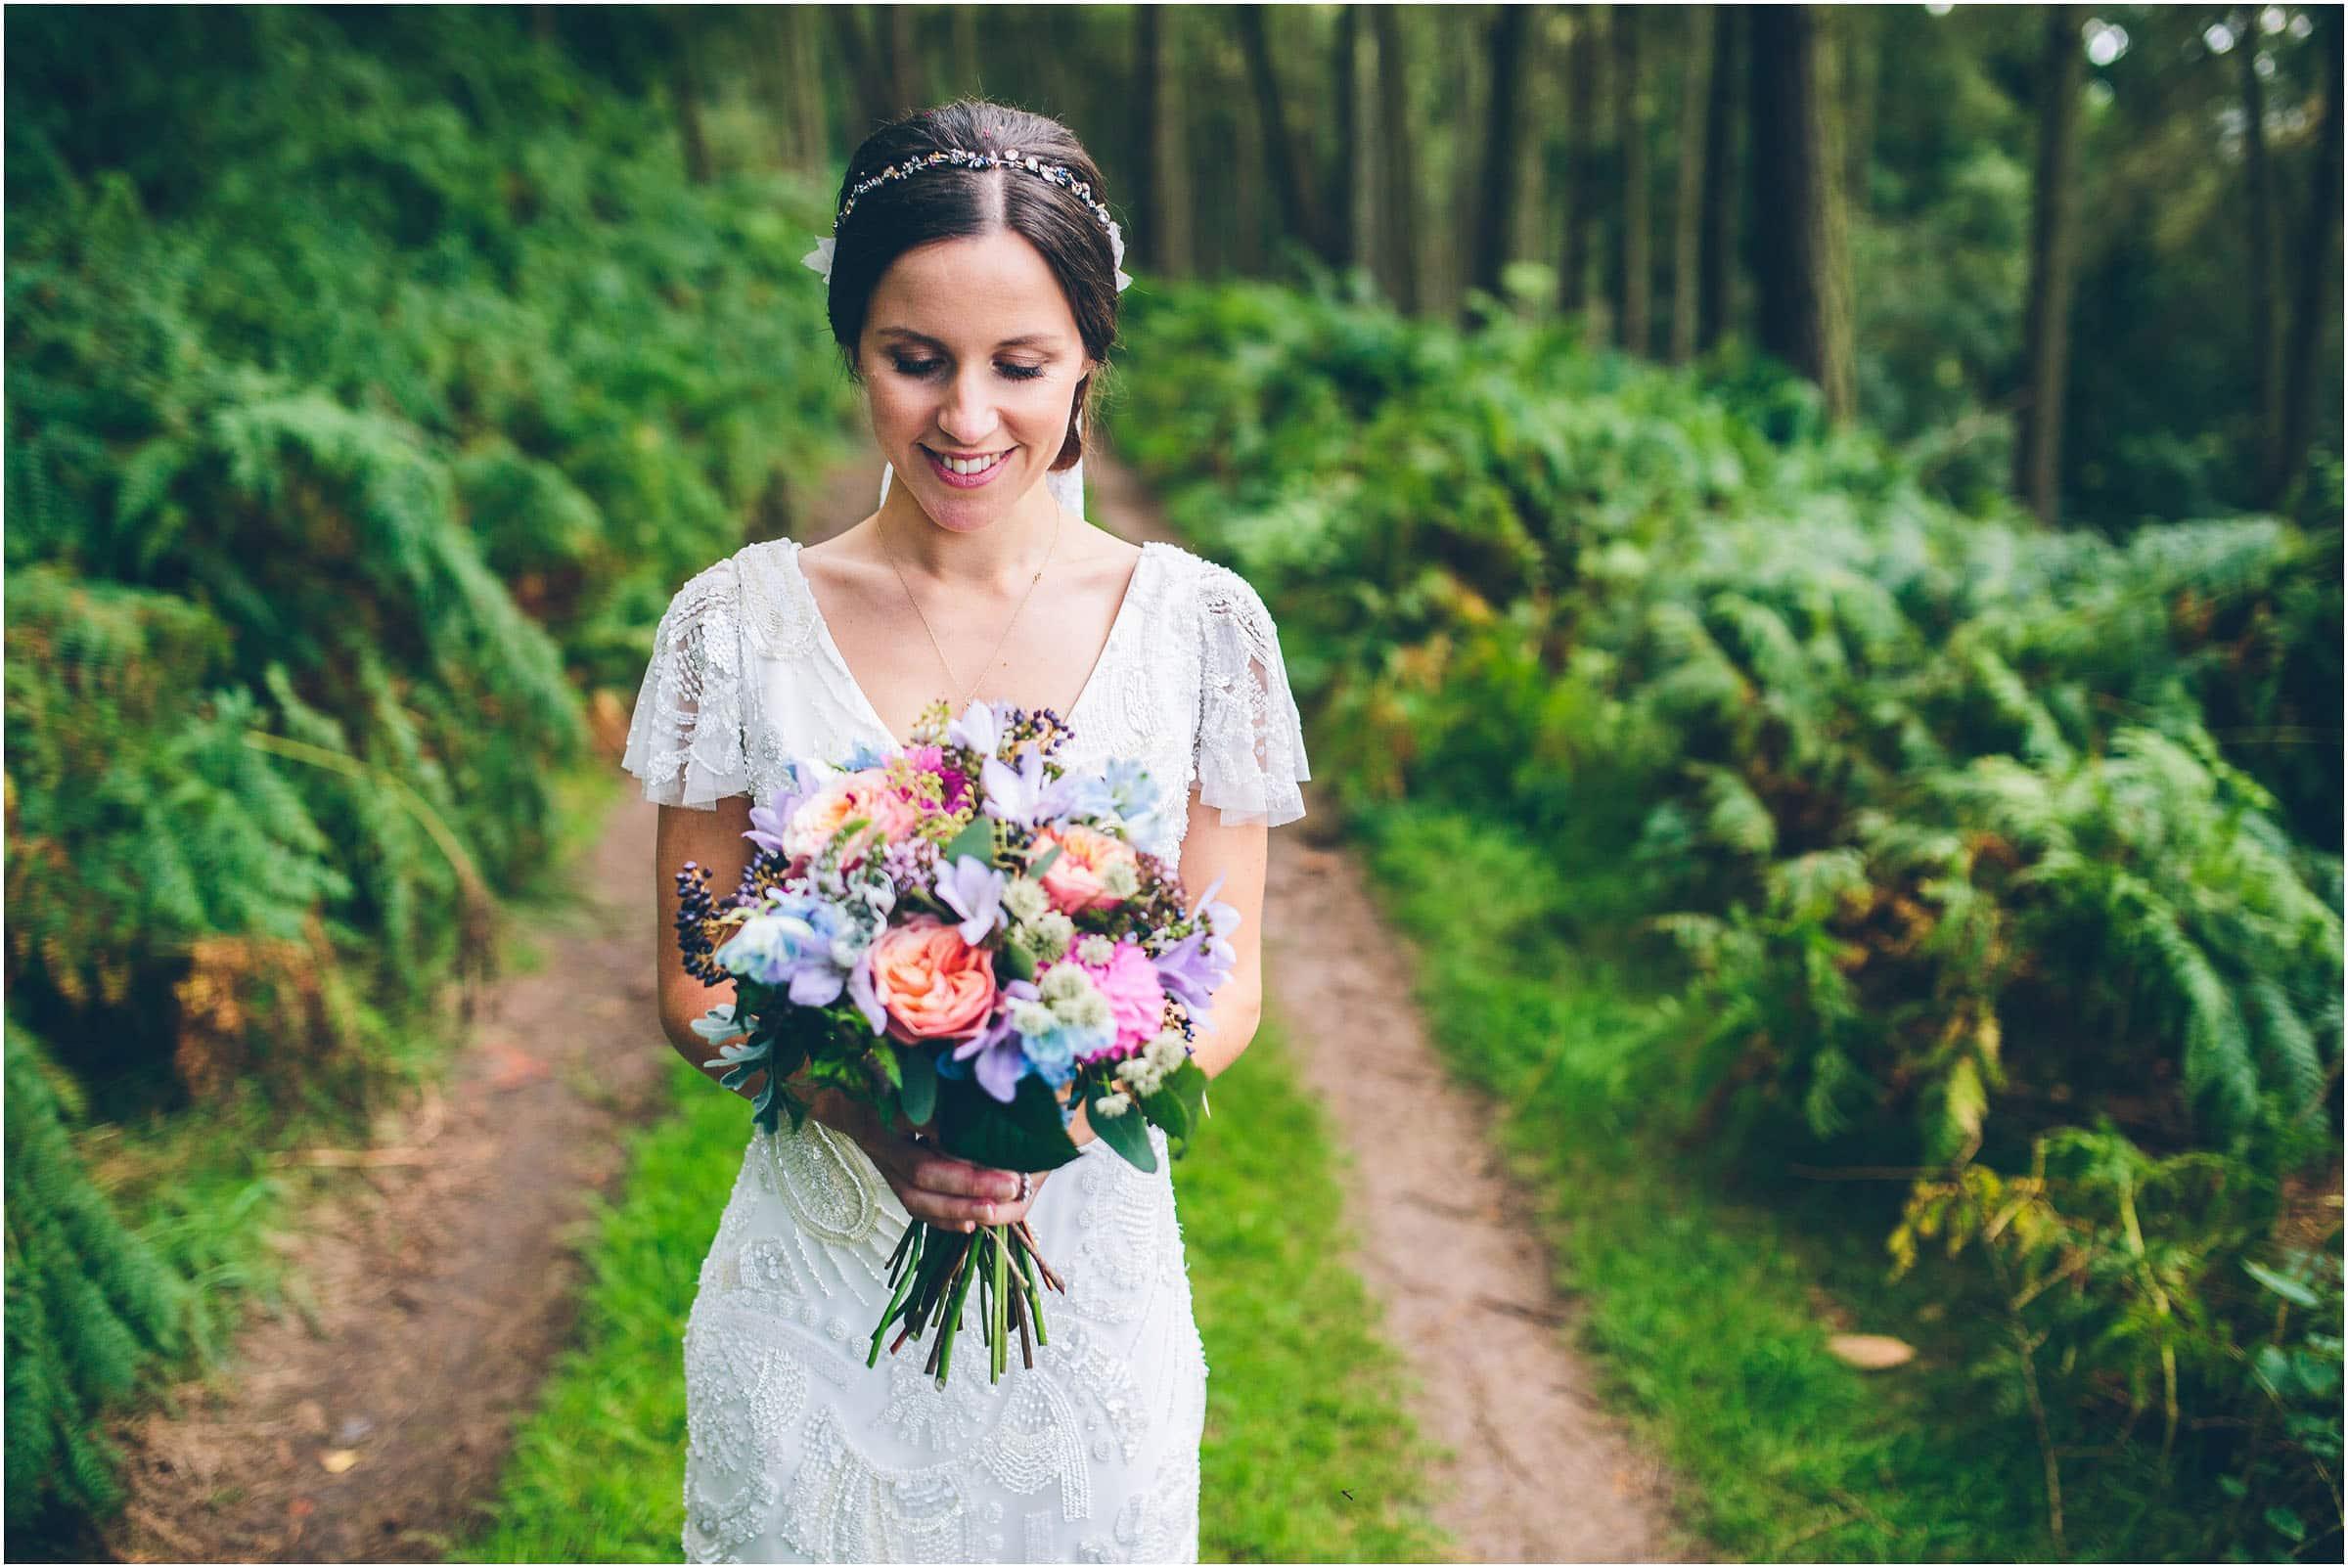 Harthill_Weddings_Wedding_Photography_0070